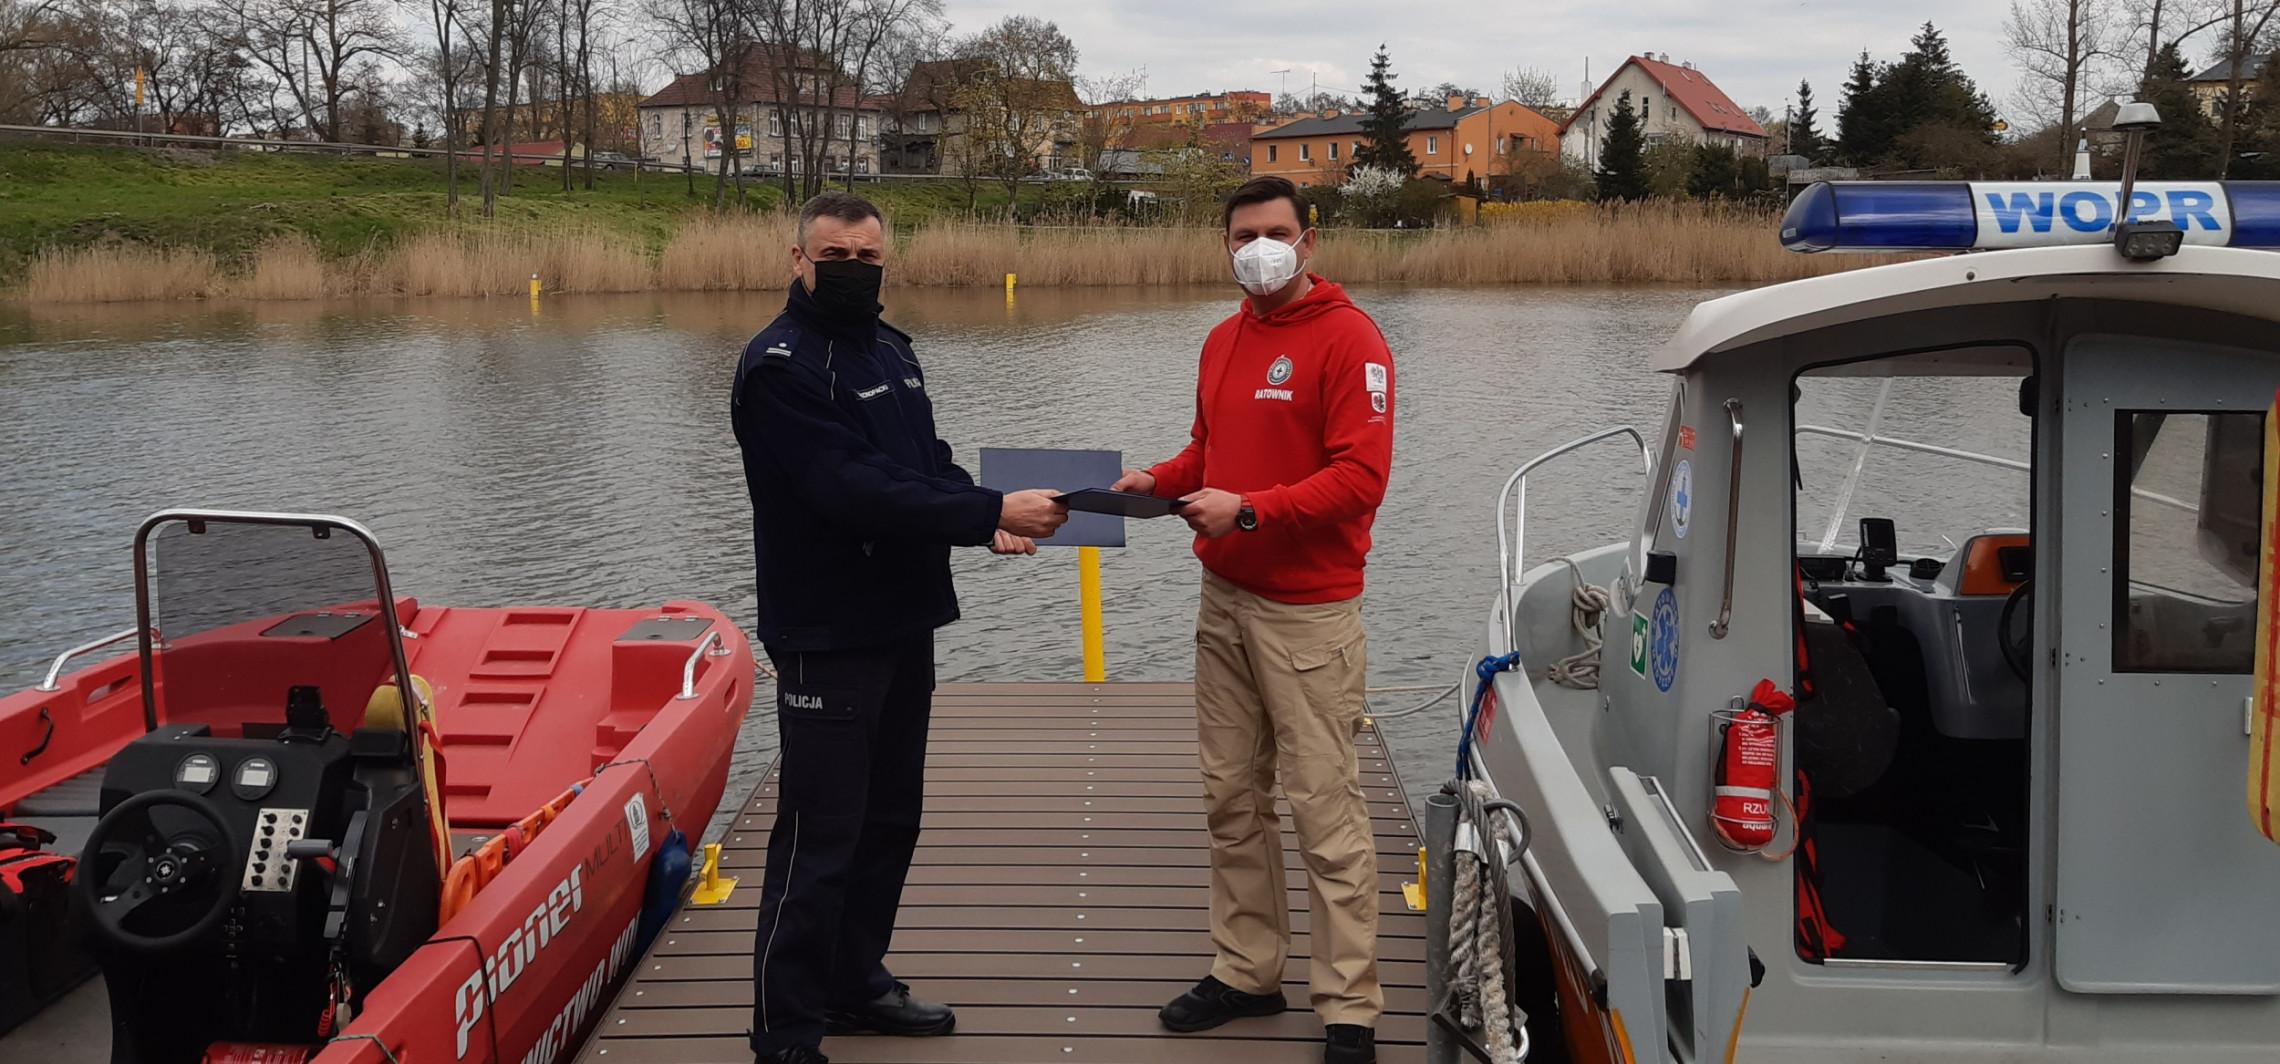 Kruszwica - Dzięki tej współpracy na Gople ma być bezpieczniej